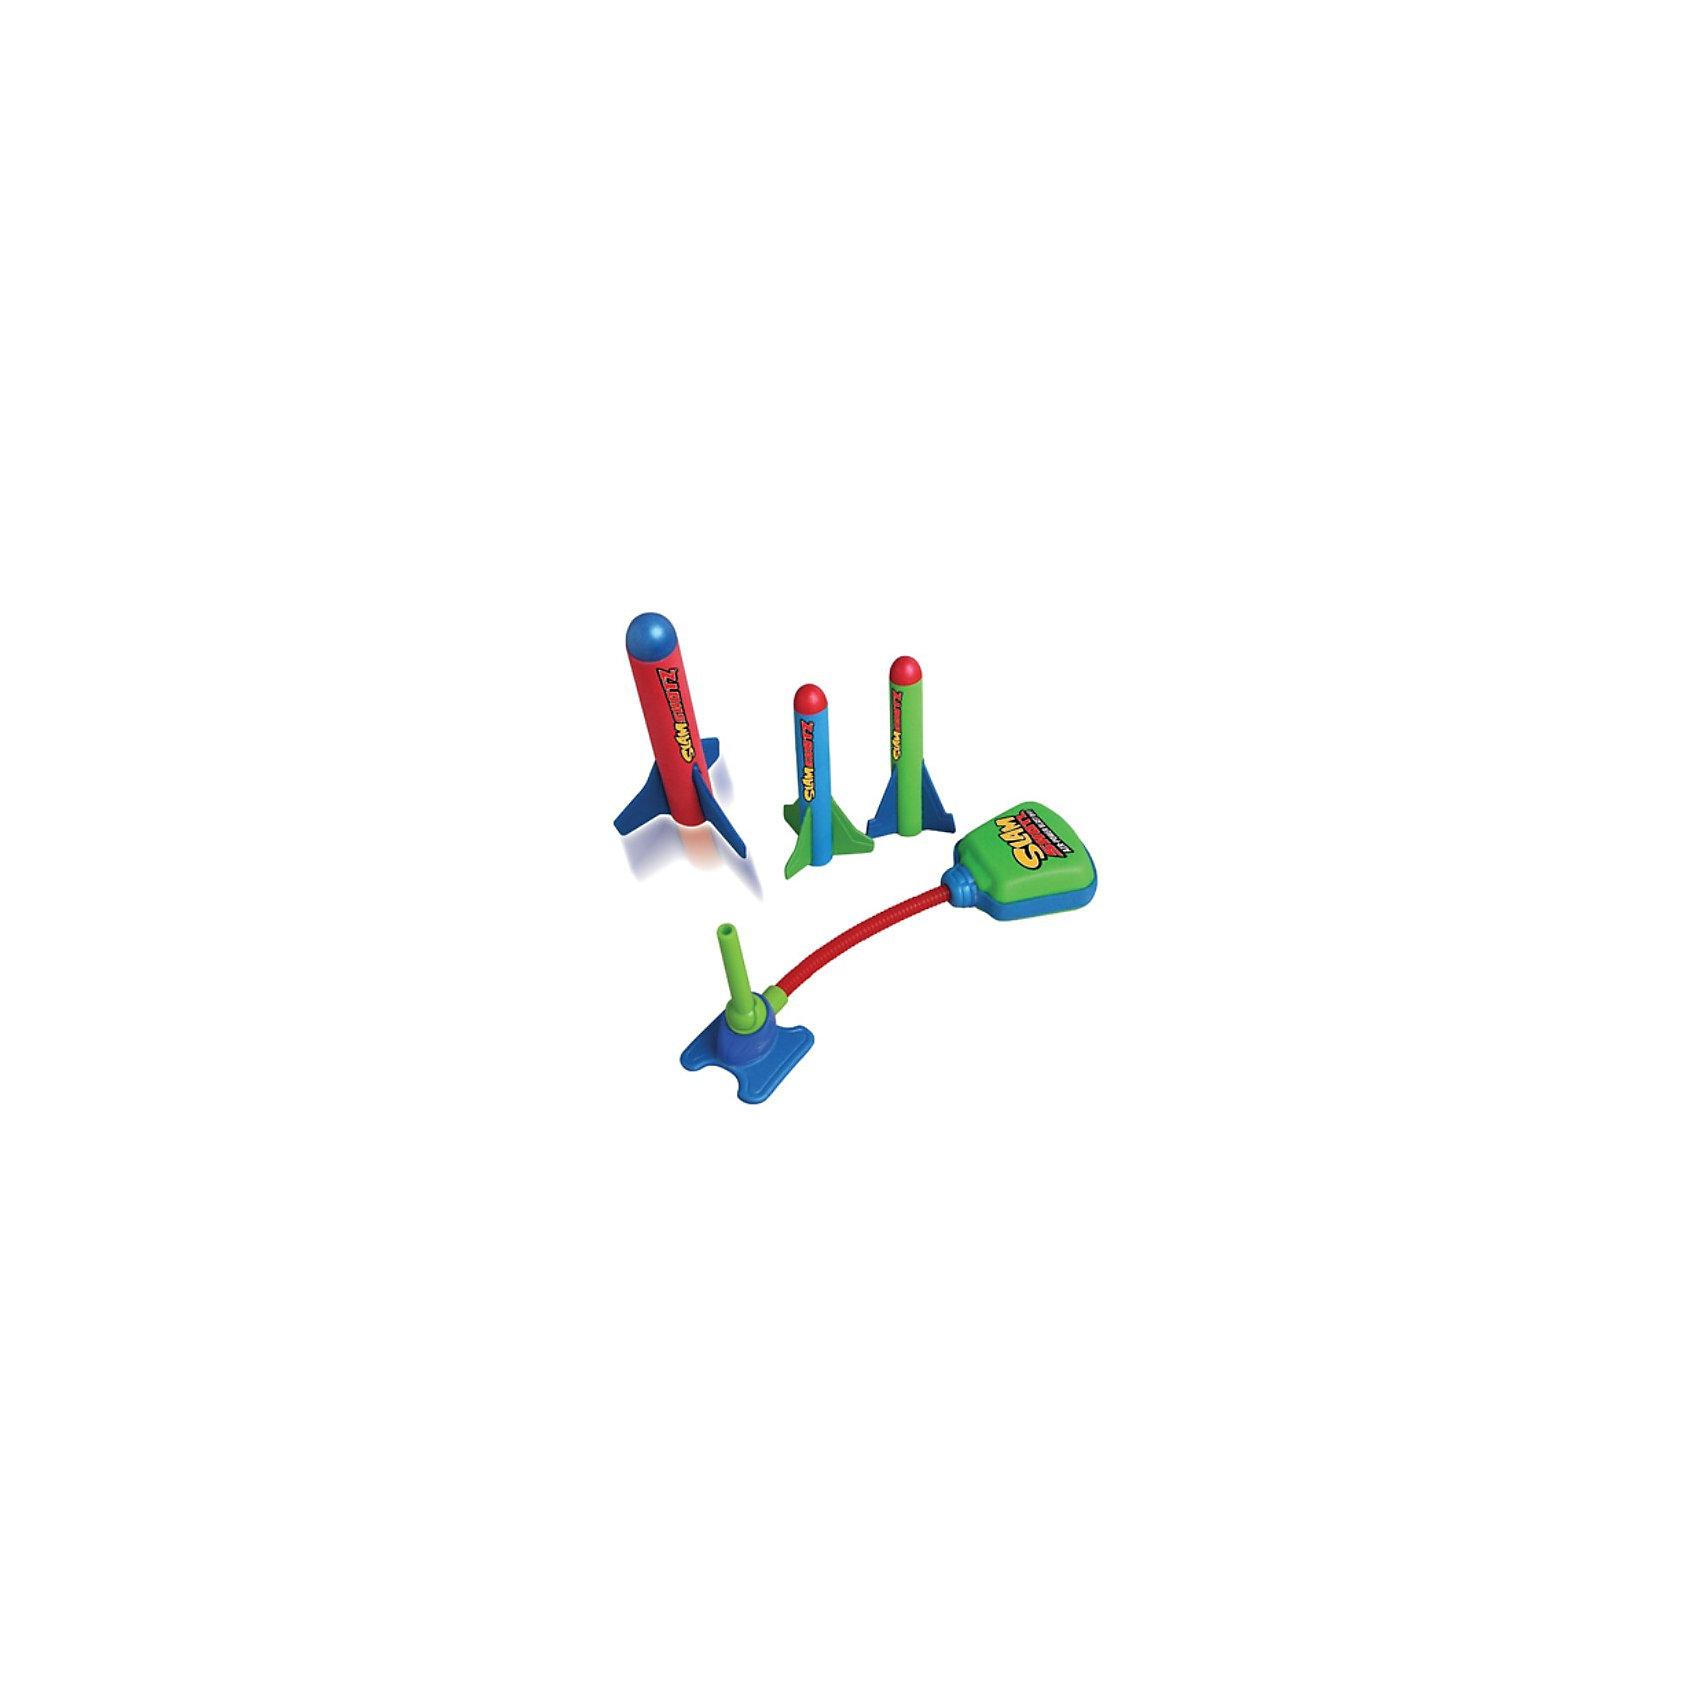 Zing Ракетная установка Мини (Slam Shotz)Ракетная установка Slam Shotz — это уменьшенная копия Zomp Rocket специально для игр дома. В набор входят:<br>ракетная установка, способная сделать выстрел до 25 метров в высоту и 3 весёлые и мягкие ракеты.<br> Slam Shotz - это отличный способ немного отвлечься от рабочего процесса, но Slam Shotz найдут место и в самых обычных детских играх — с ним можно, например, устроить соревнование. <br> Не переживайте, что ребенок  может разбить стекло в серванте или поранится — ракеты созданы для безопасных развлечений, из мягкого и легкого материала.<br><br>Ширина мм: 110<br>Глубина мм: 30<br>Высота мм: 200<br>Вес г: 300<br>Возраст от месяцев: 60<br>Возраст до месяцев: 1188<br>Пол: Унисекс<br>Возраст: Детский<br>SKU: 3180393